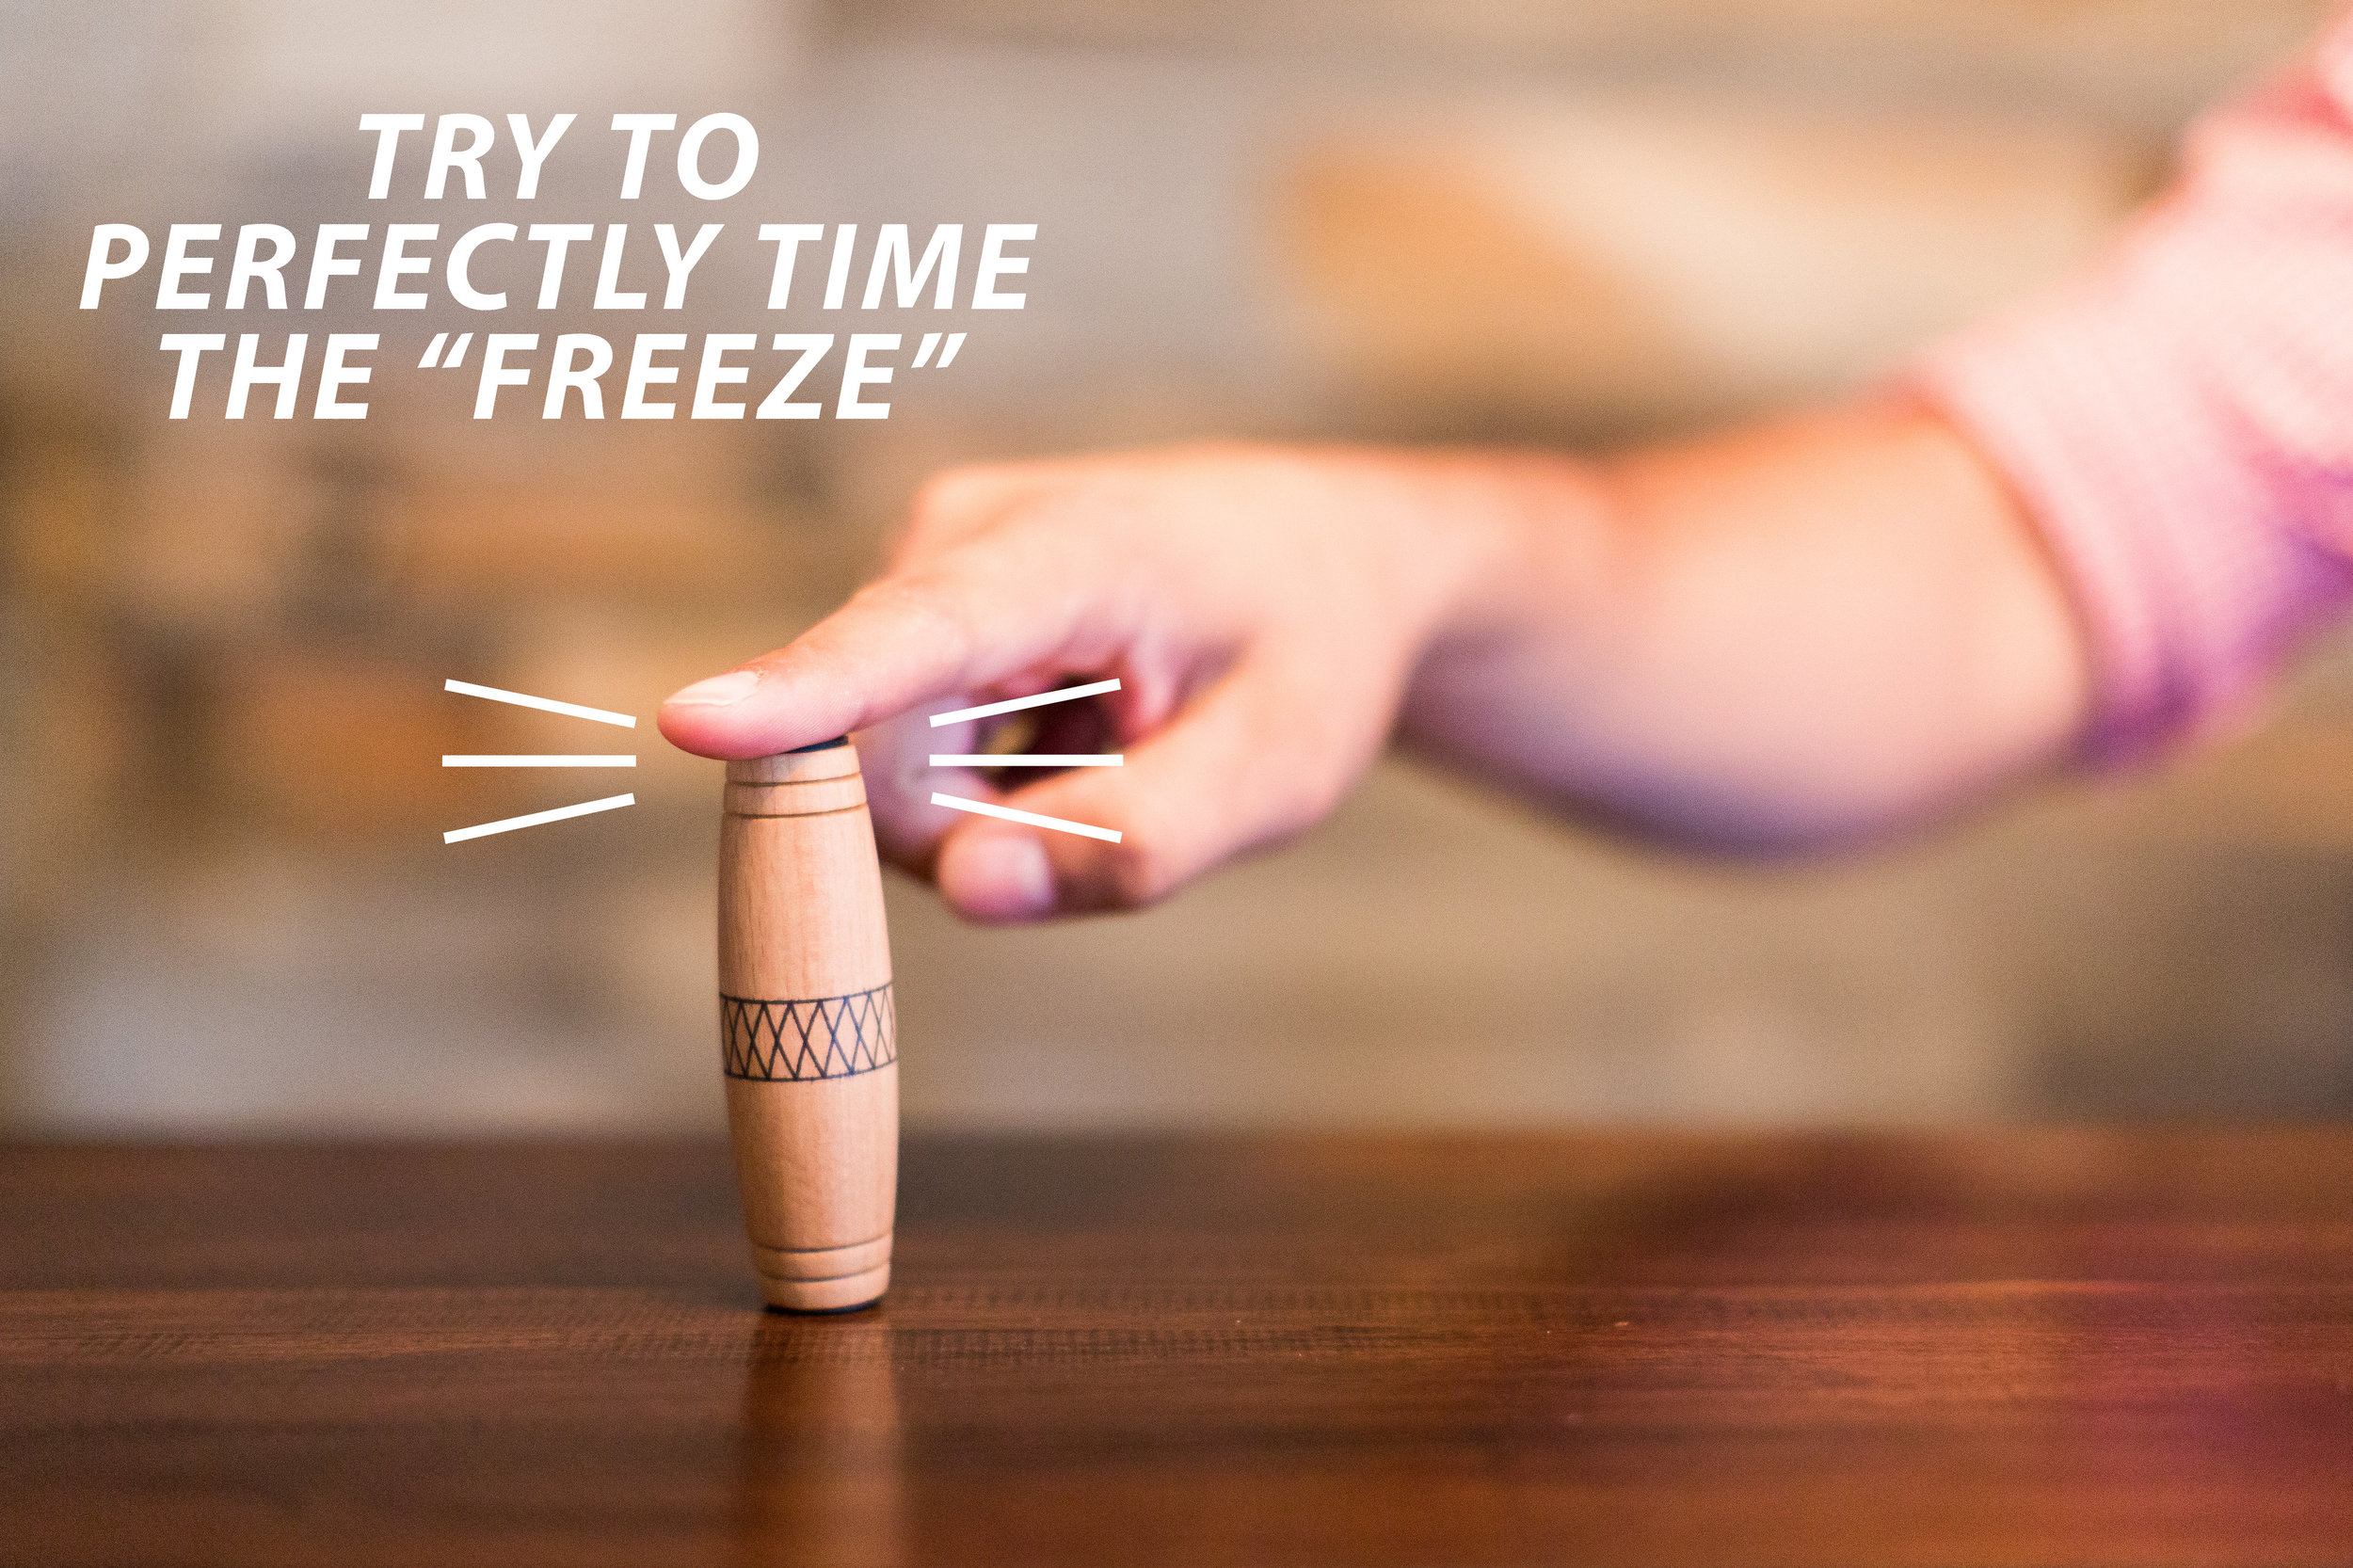 kururin-tricks-freeze-lunatac-skill-fidget-wood-toy